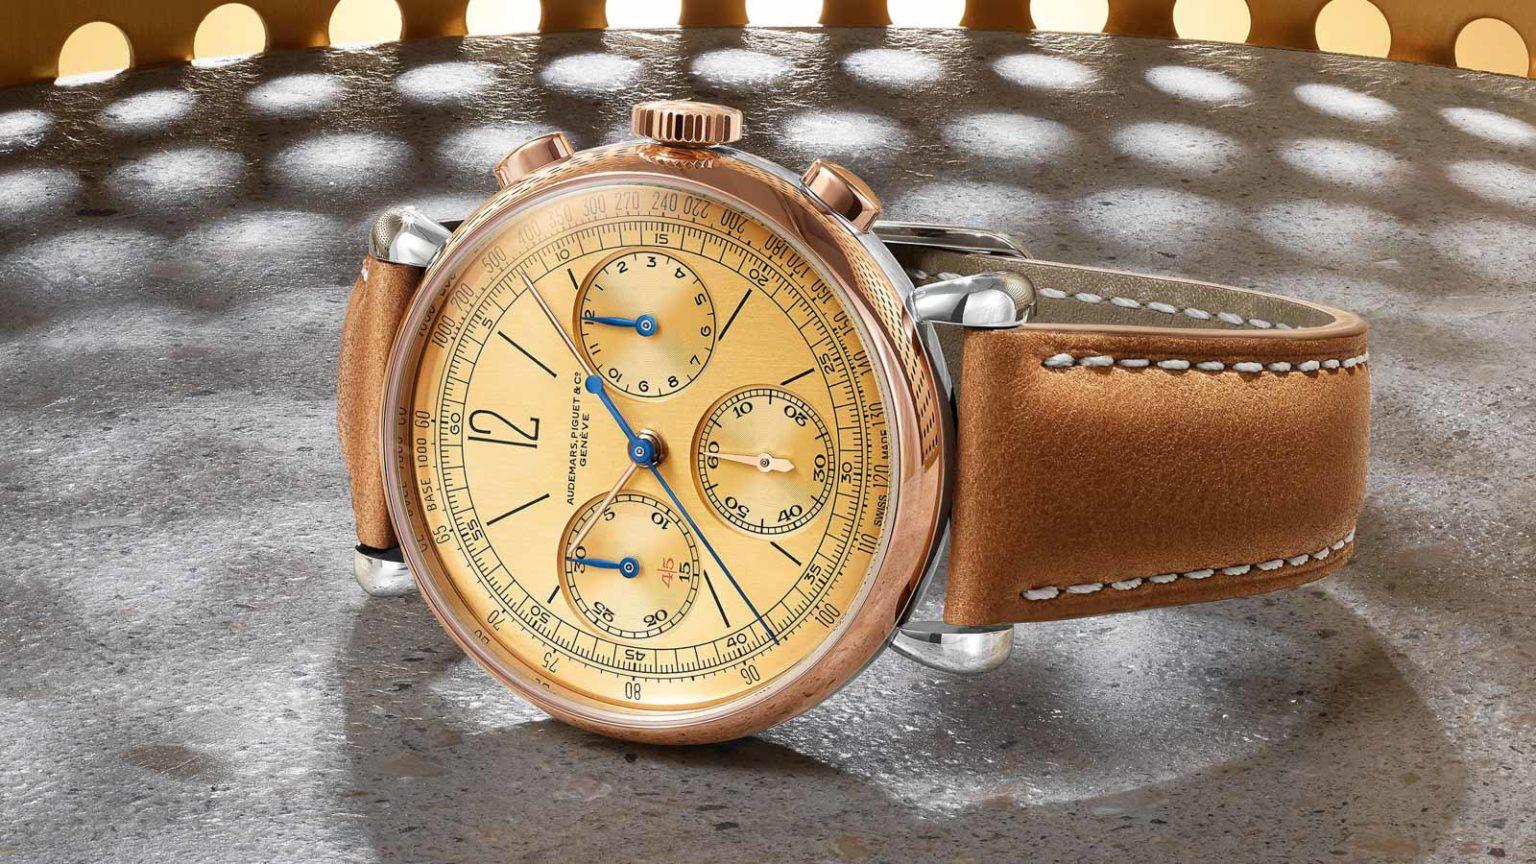 Replica Uhren Audemars Piguet-qz